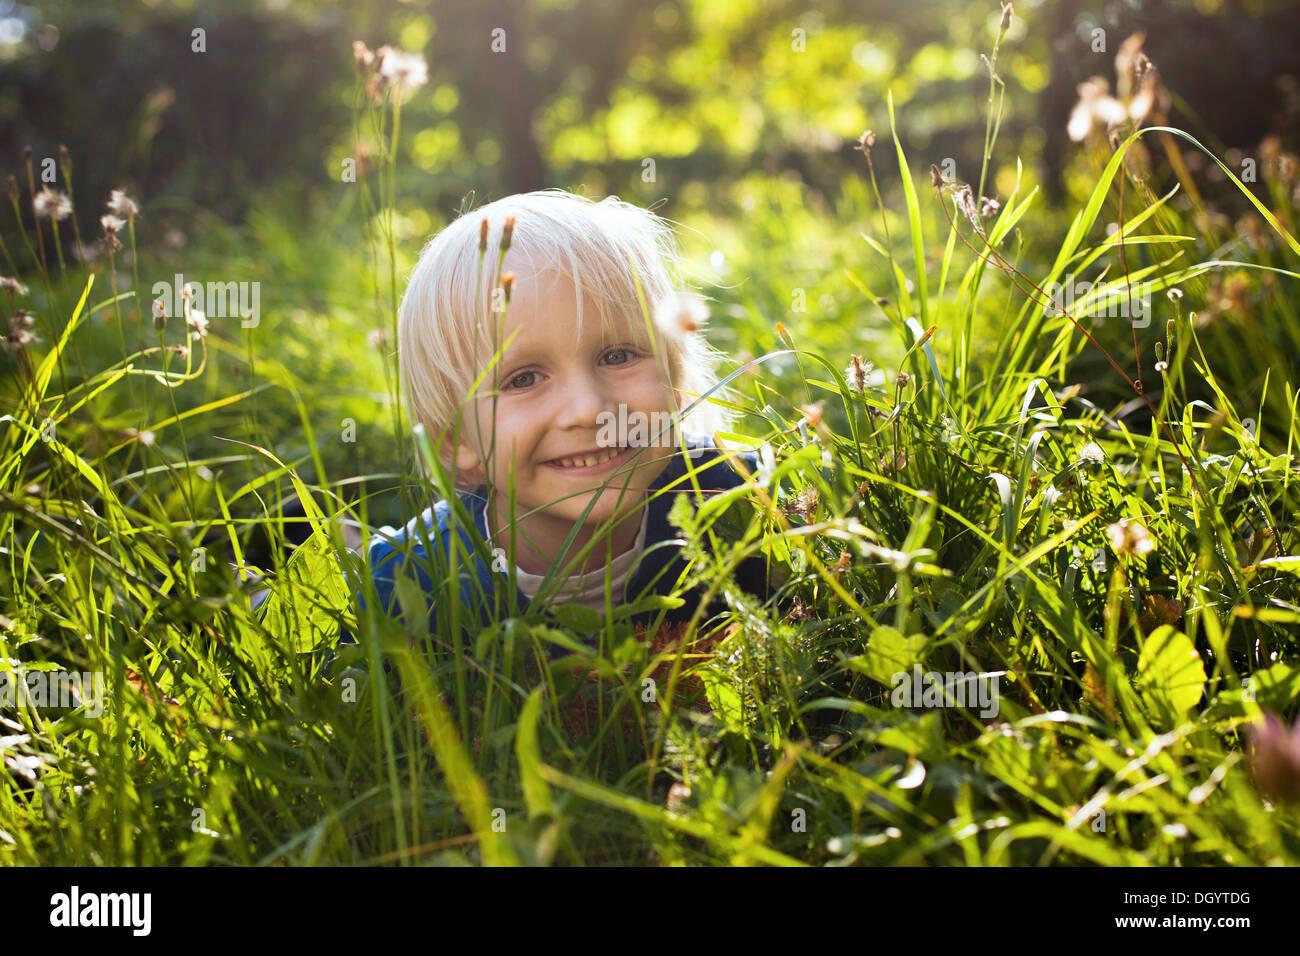 Niñito alegre rubia en la hierba Imagen De Stock